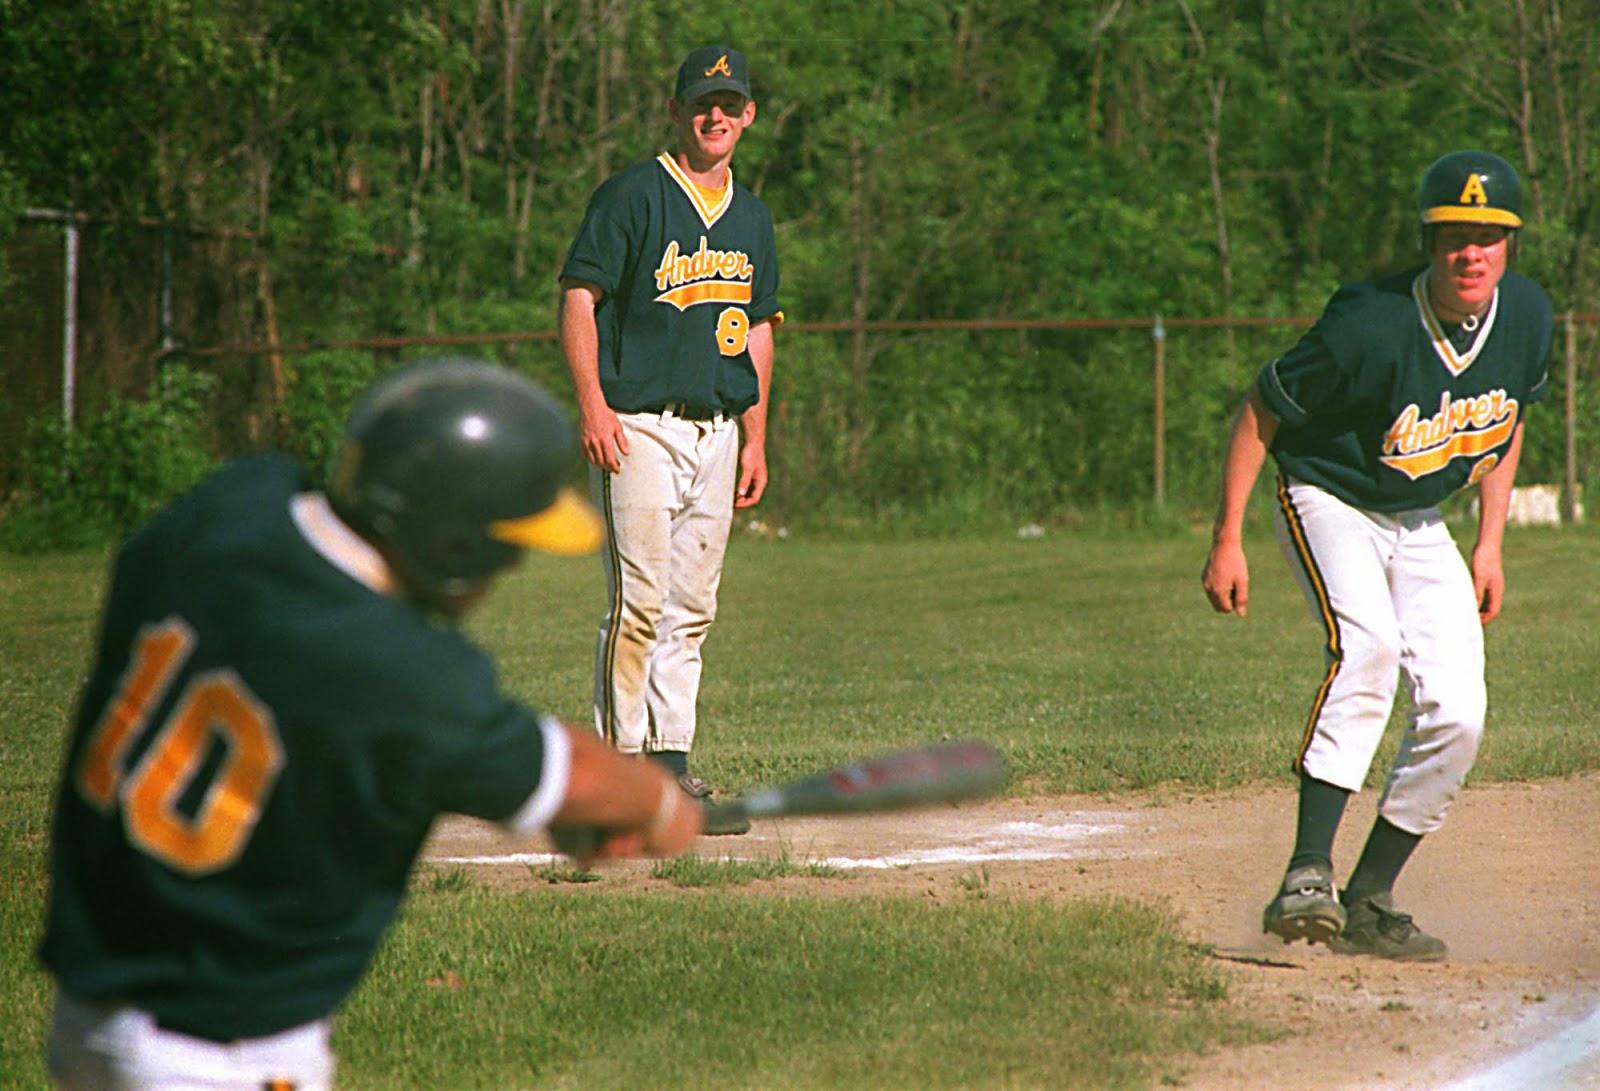 Ryan Hanigan's Nephew Catches Papi Home Run